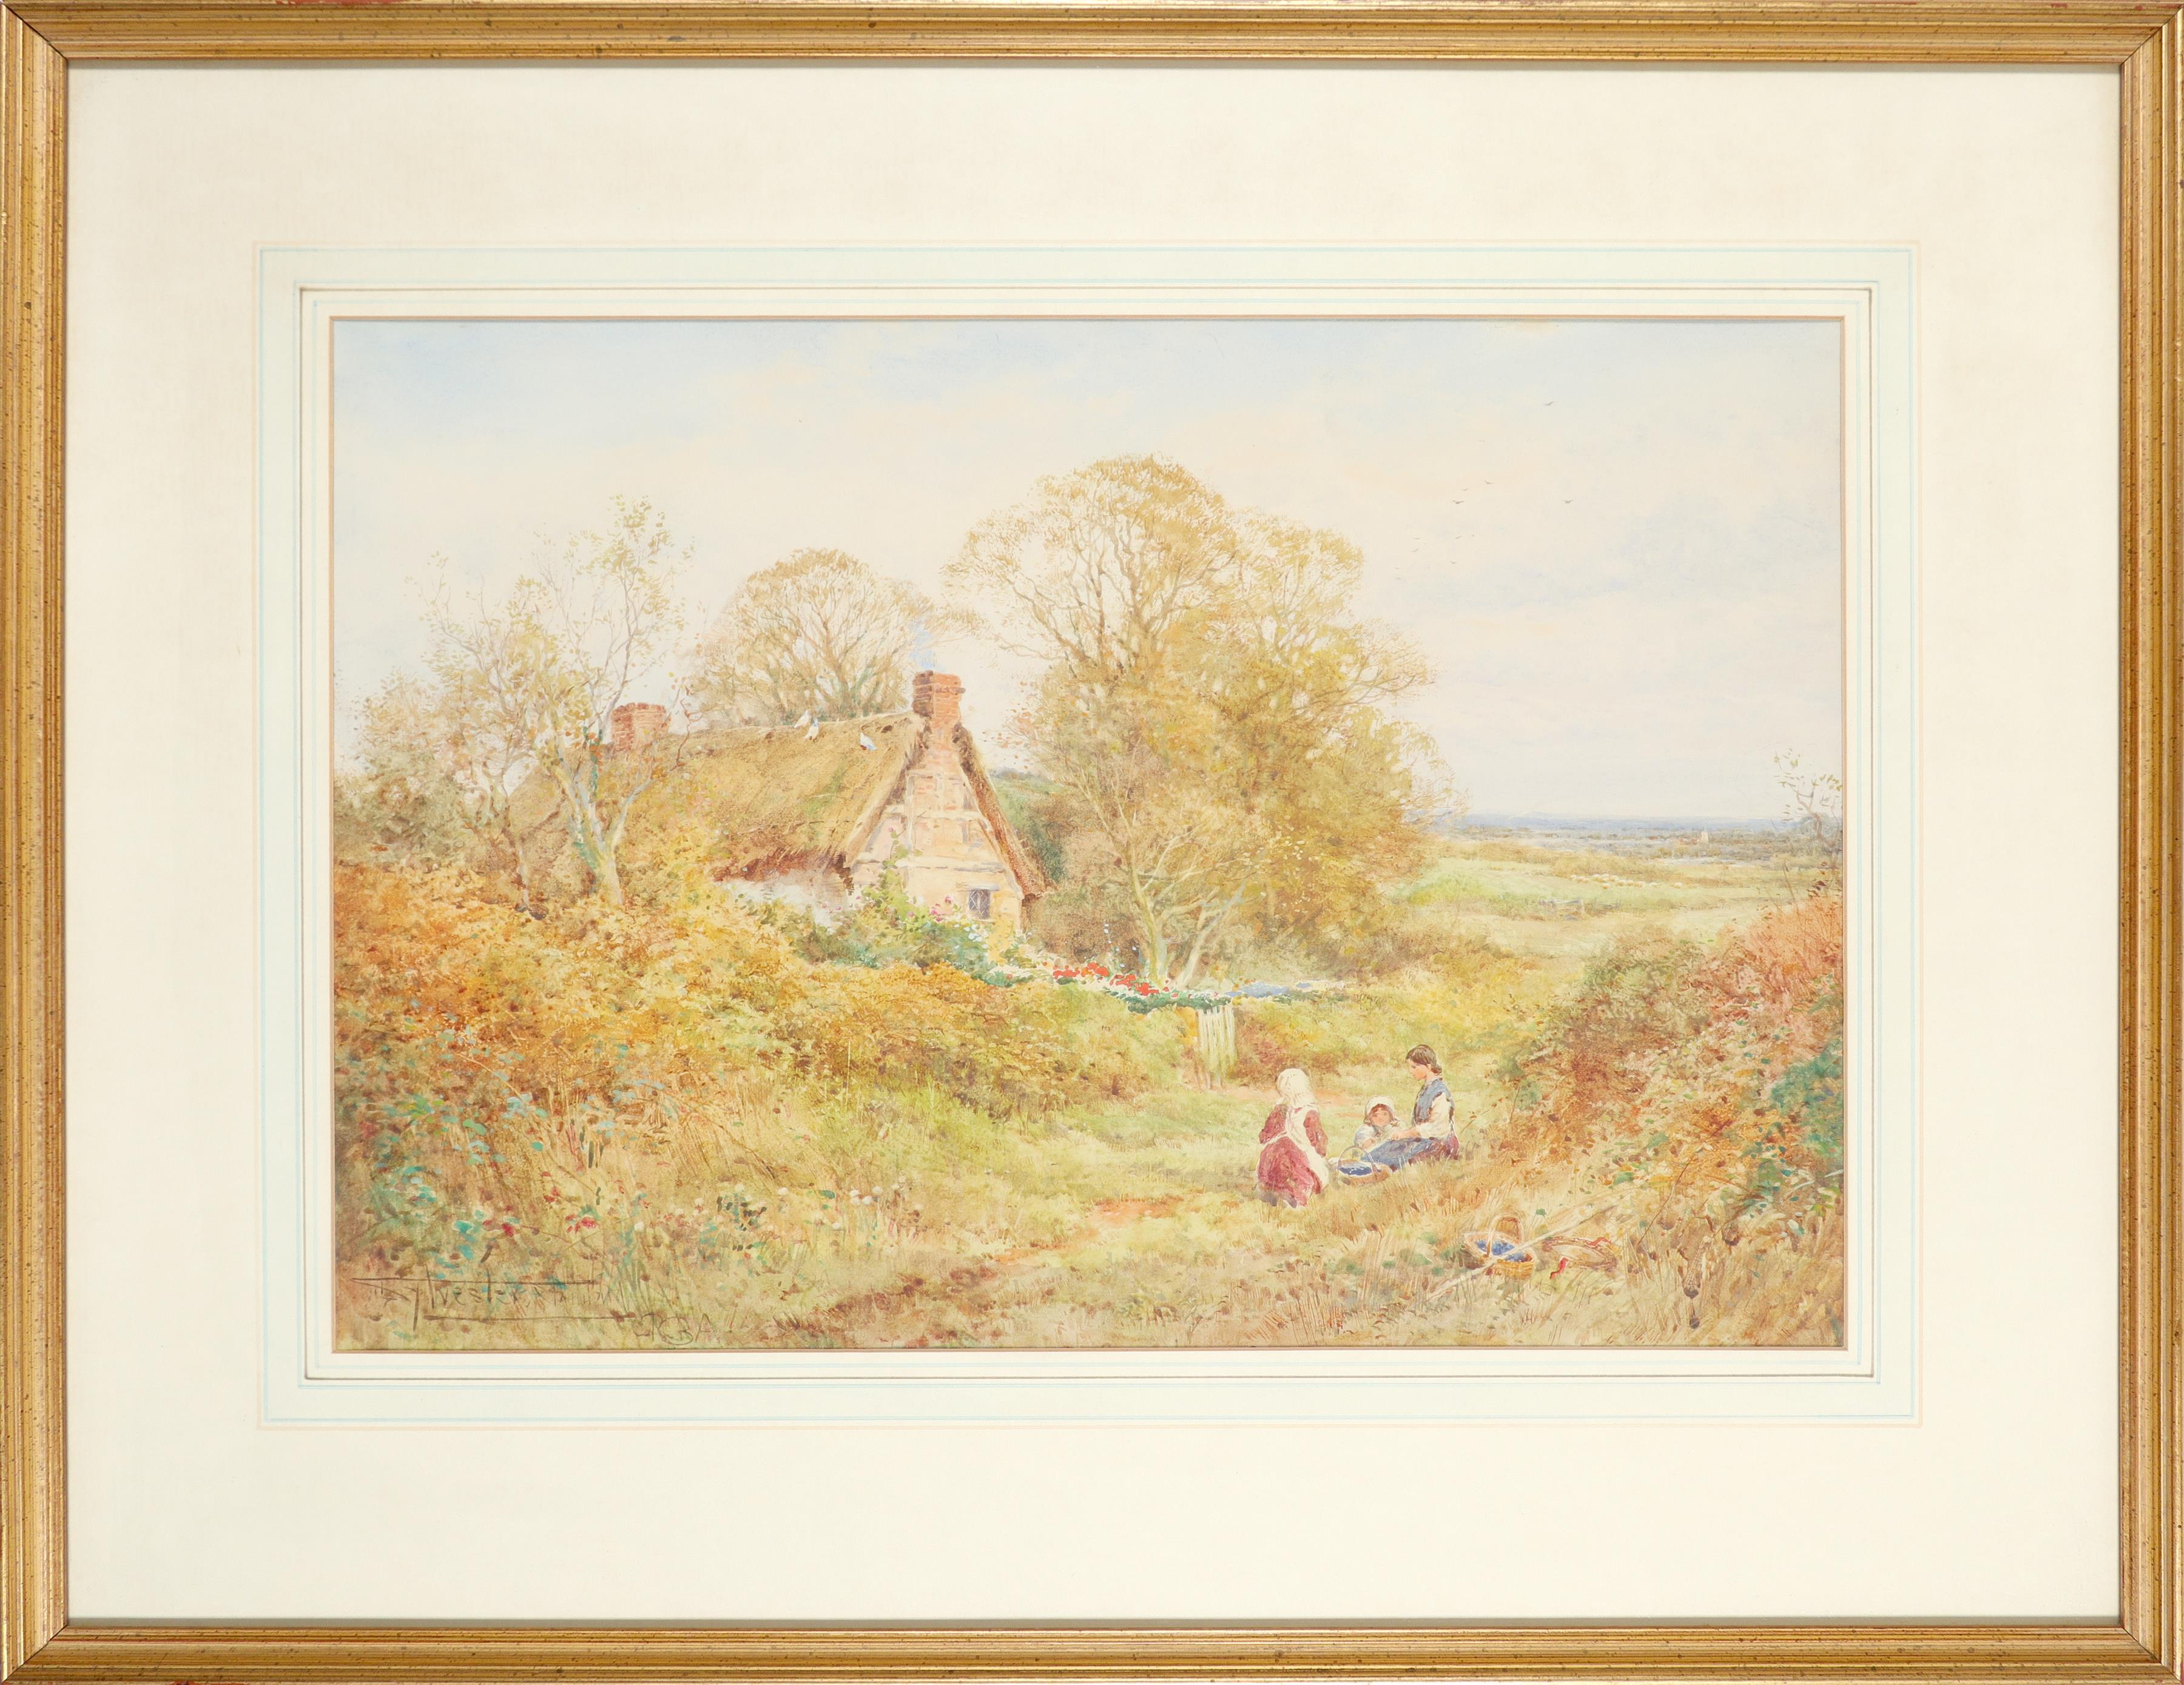 ‡Henry John Sylvester Stannard RBA, FRSA (1870-1951) Children in a landscape outside a cottage - Image 2 of 3